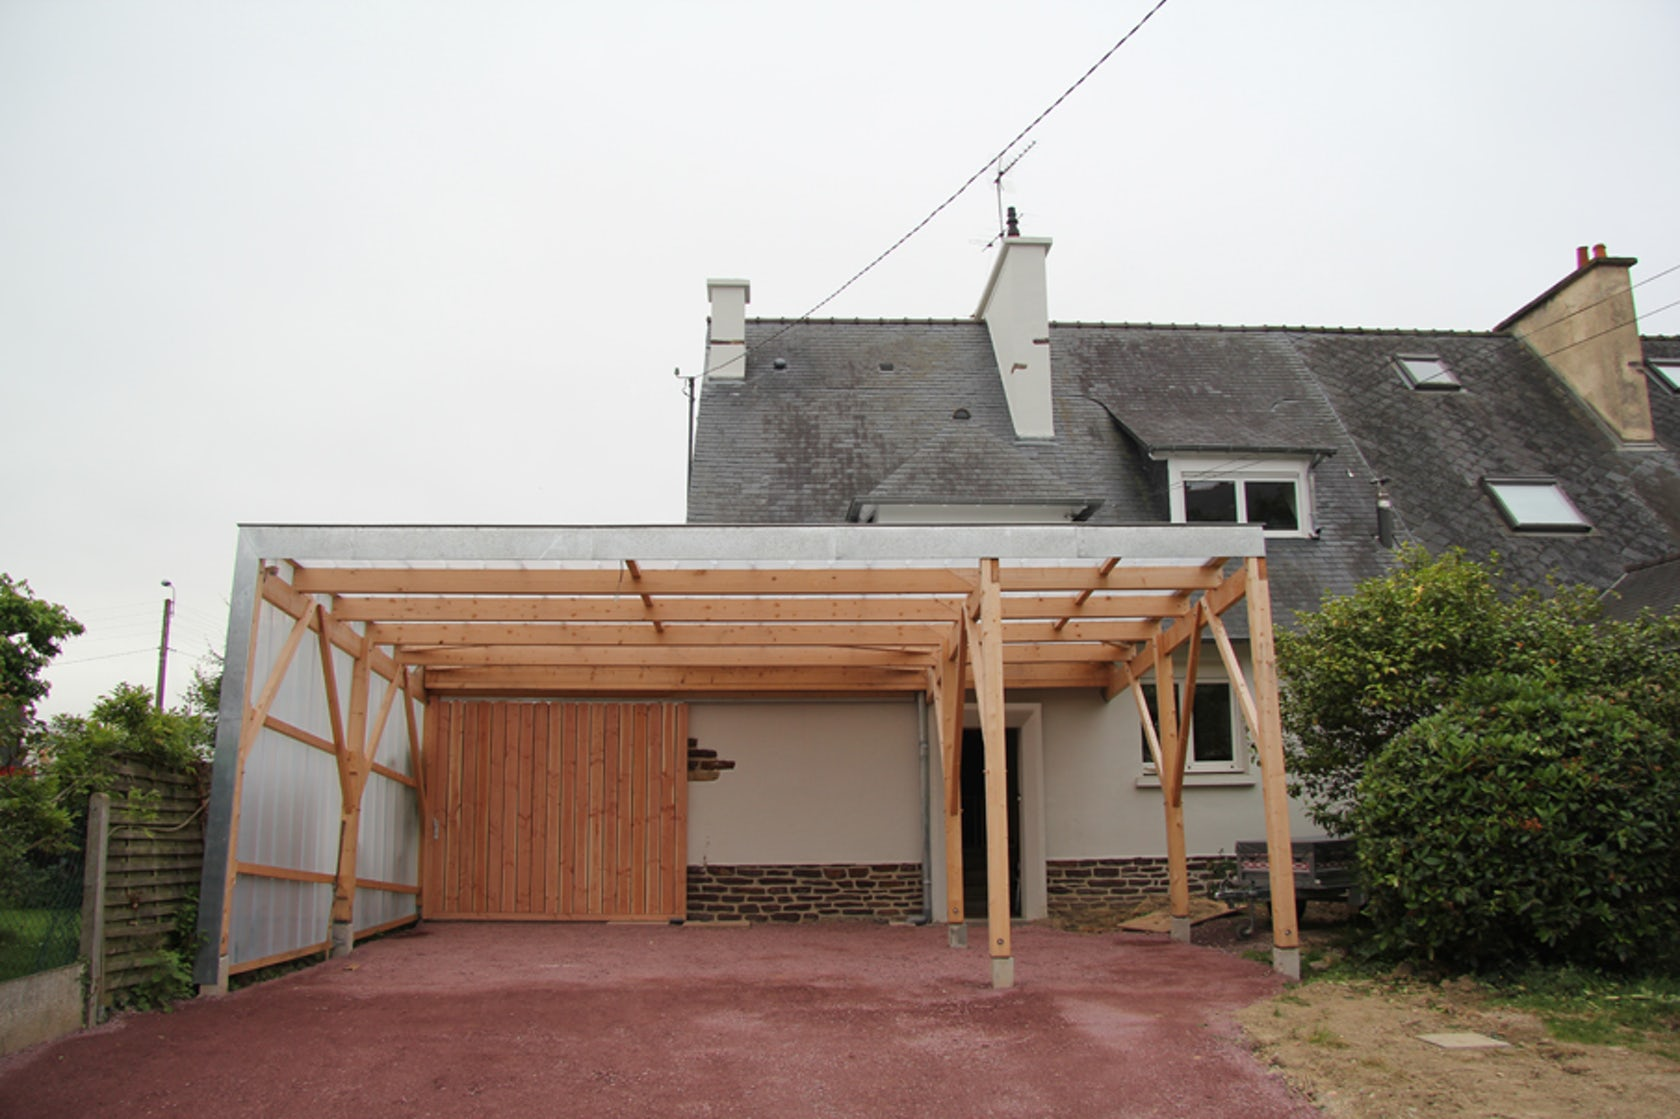 translucent garage architizer. Black Bedroom Furniture Sets. Home Design Ideas